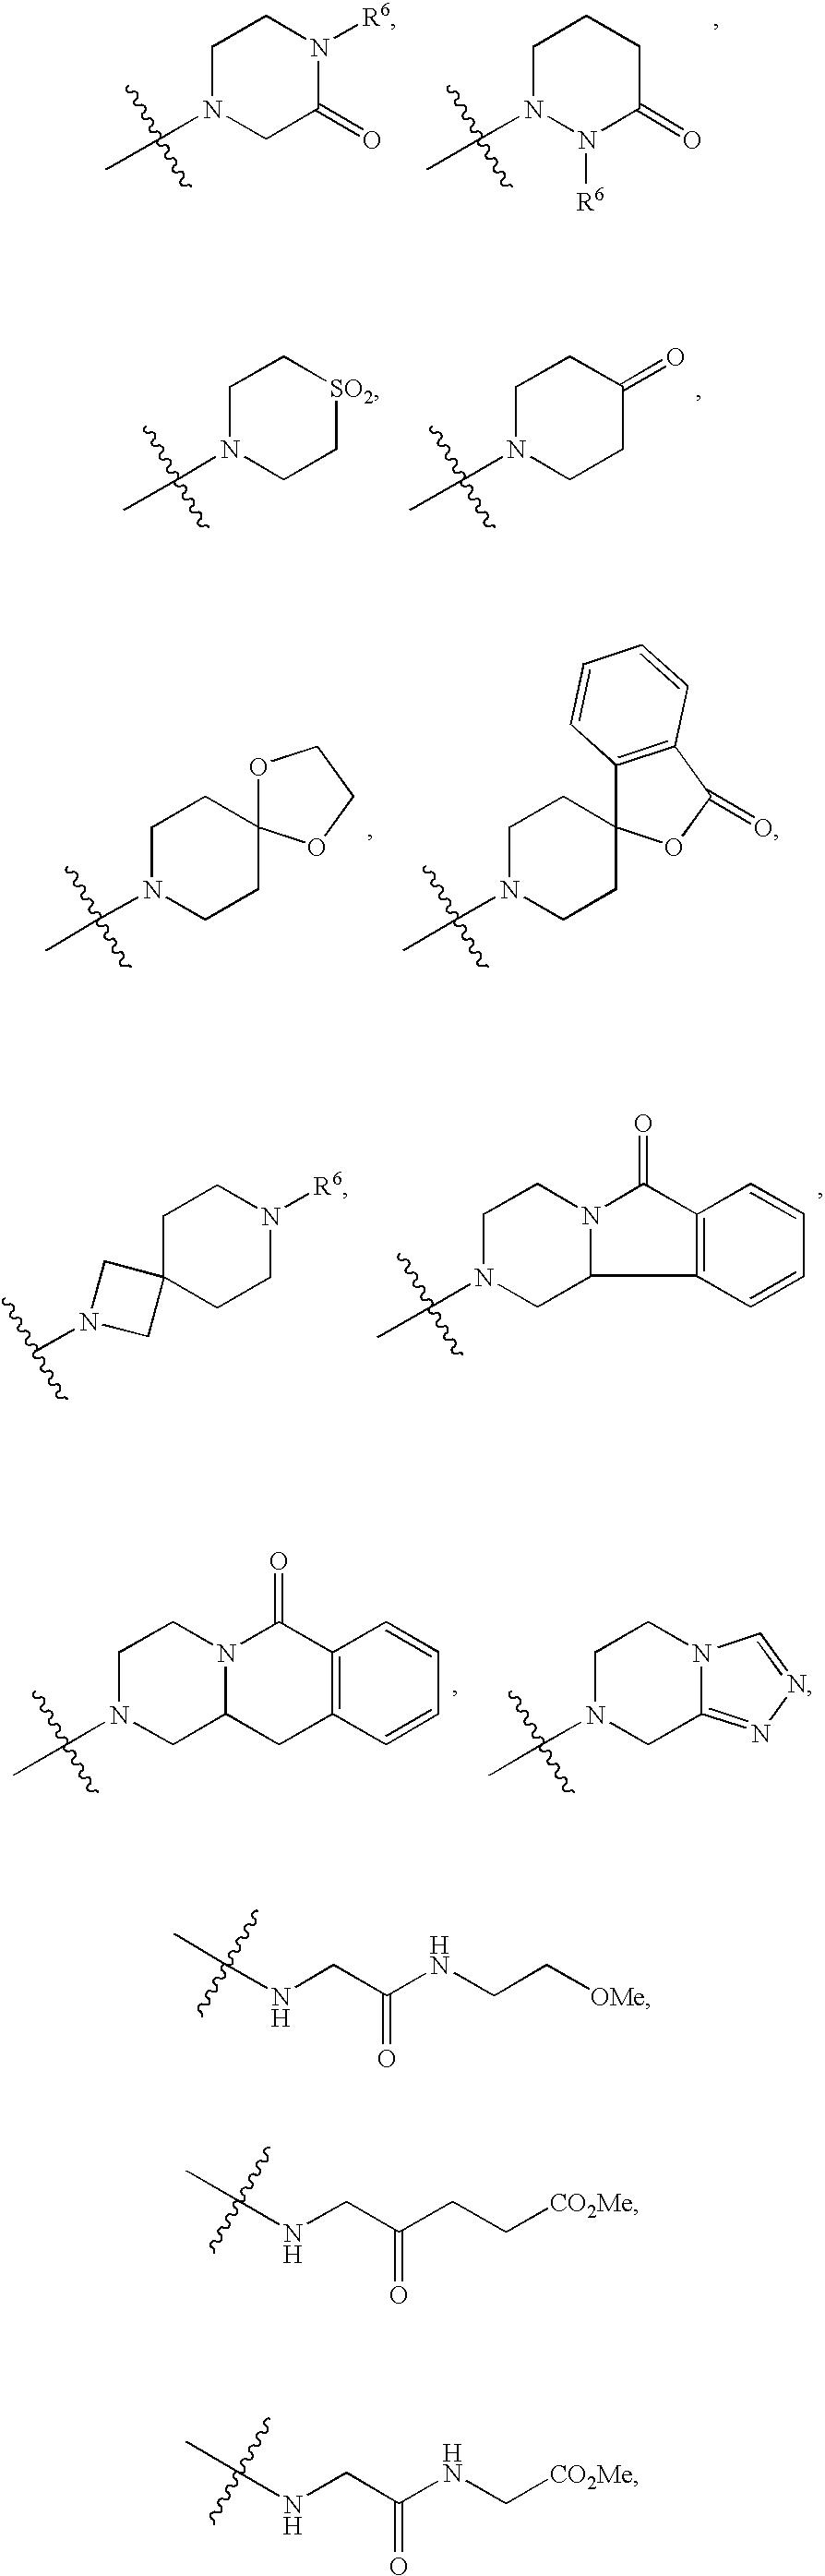 Figure US07473688-20090106-C00023